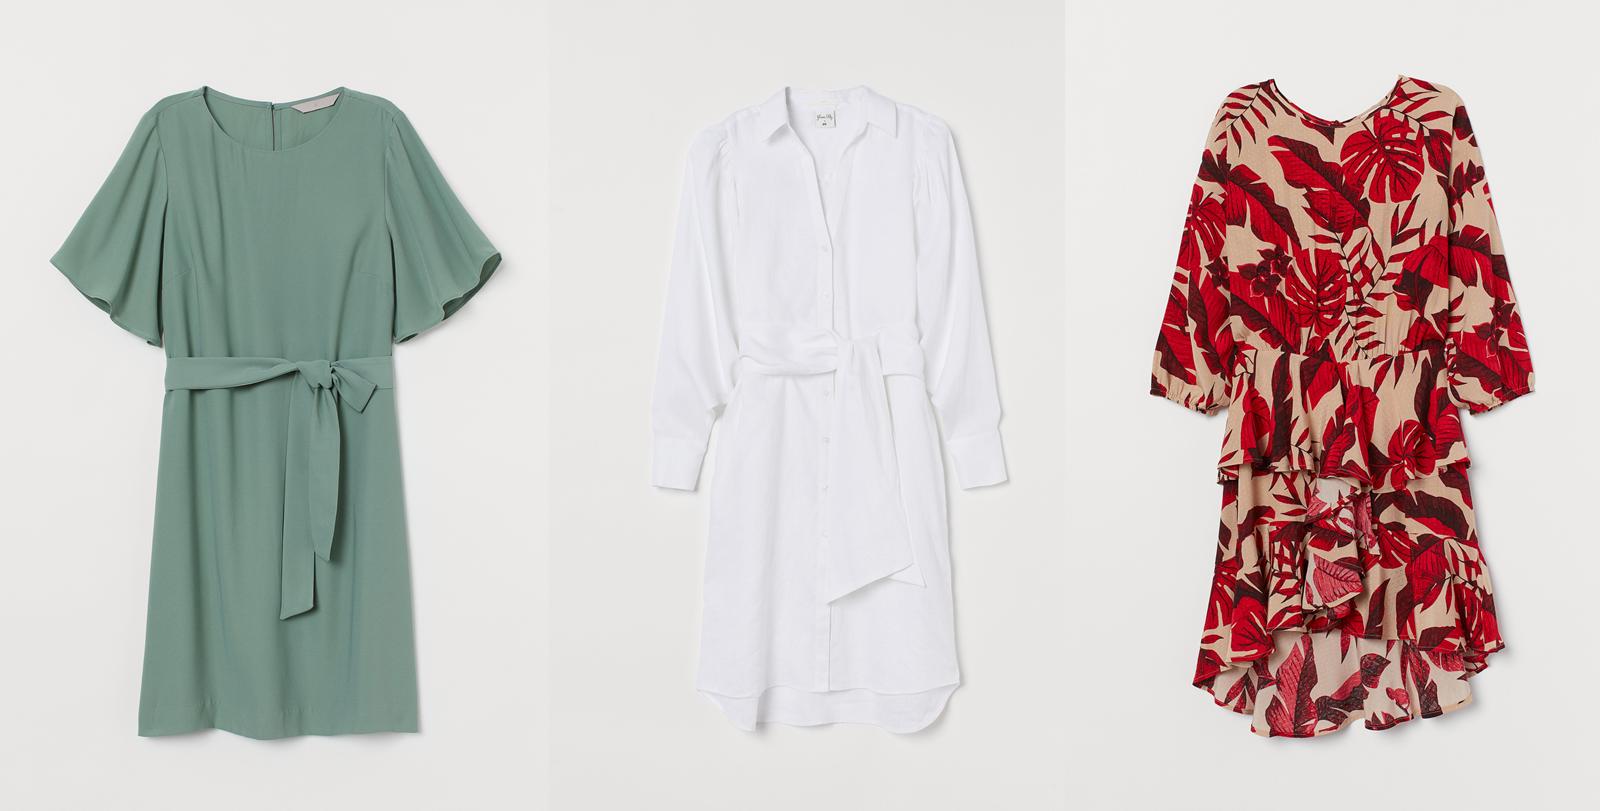 vår-klänning-H&M-designersamarbete